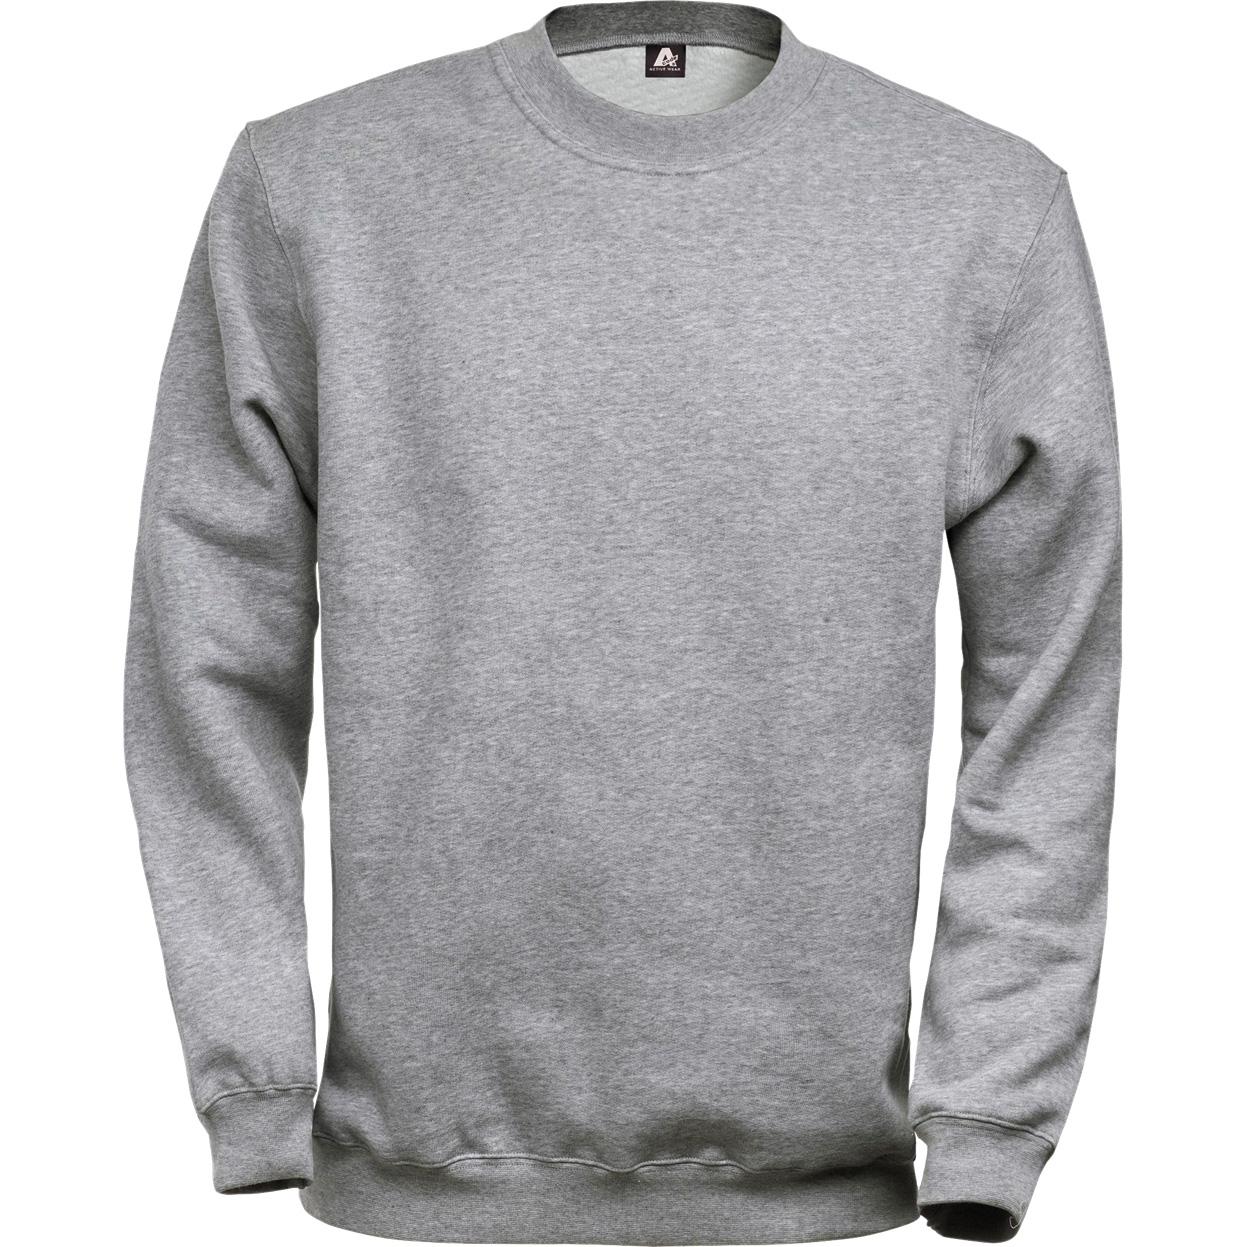 Sweatshirt 1734